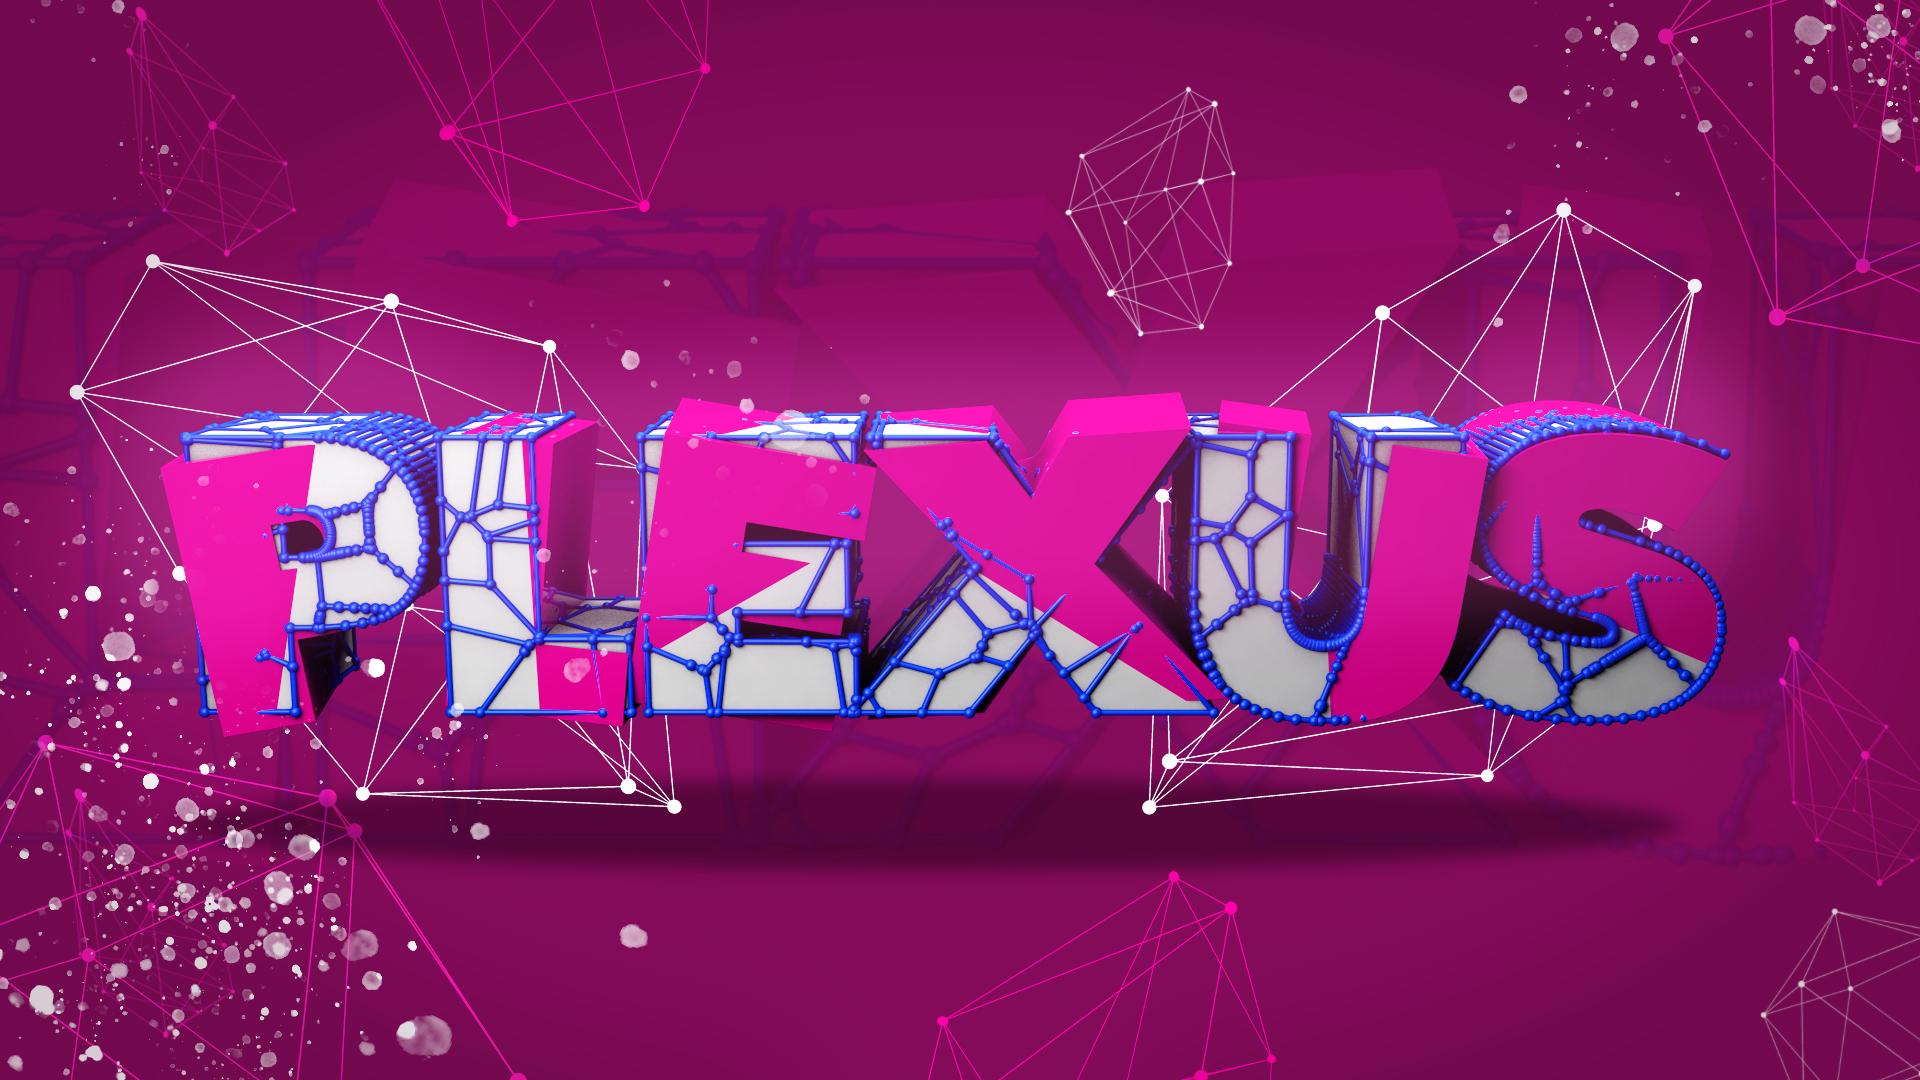 Plexus Text Effect in Photoshop & Cinema 4D